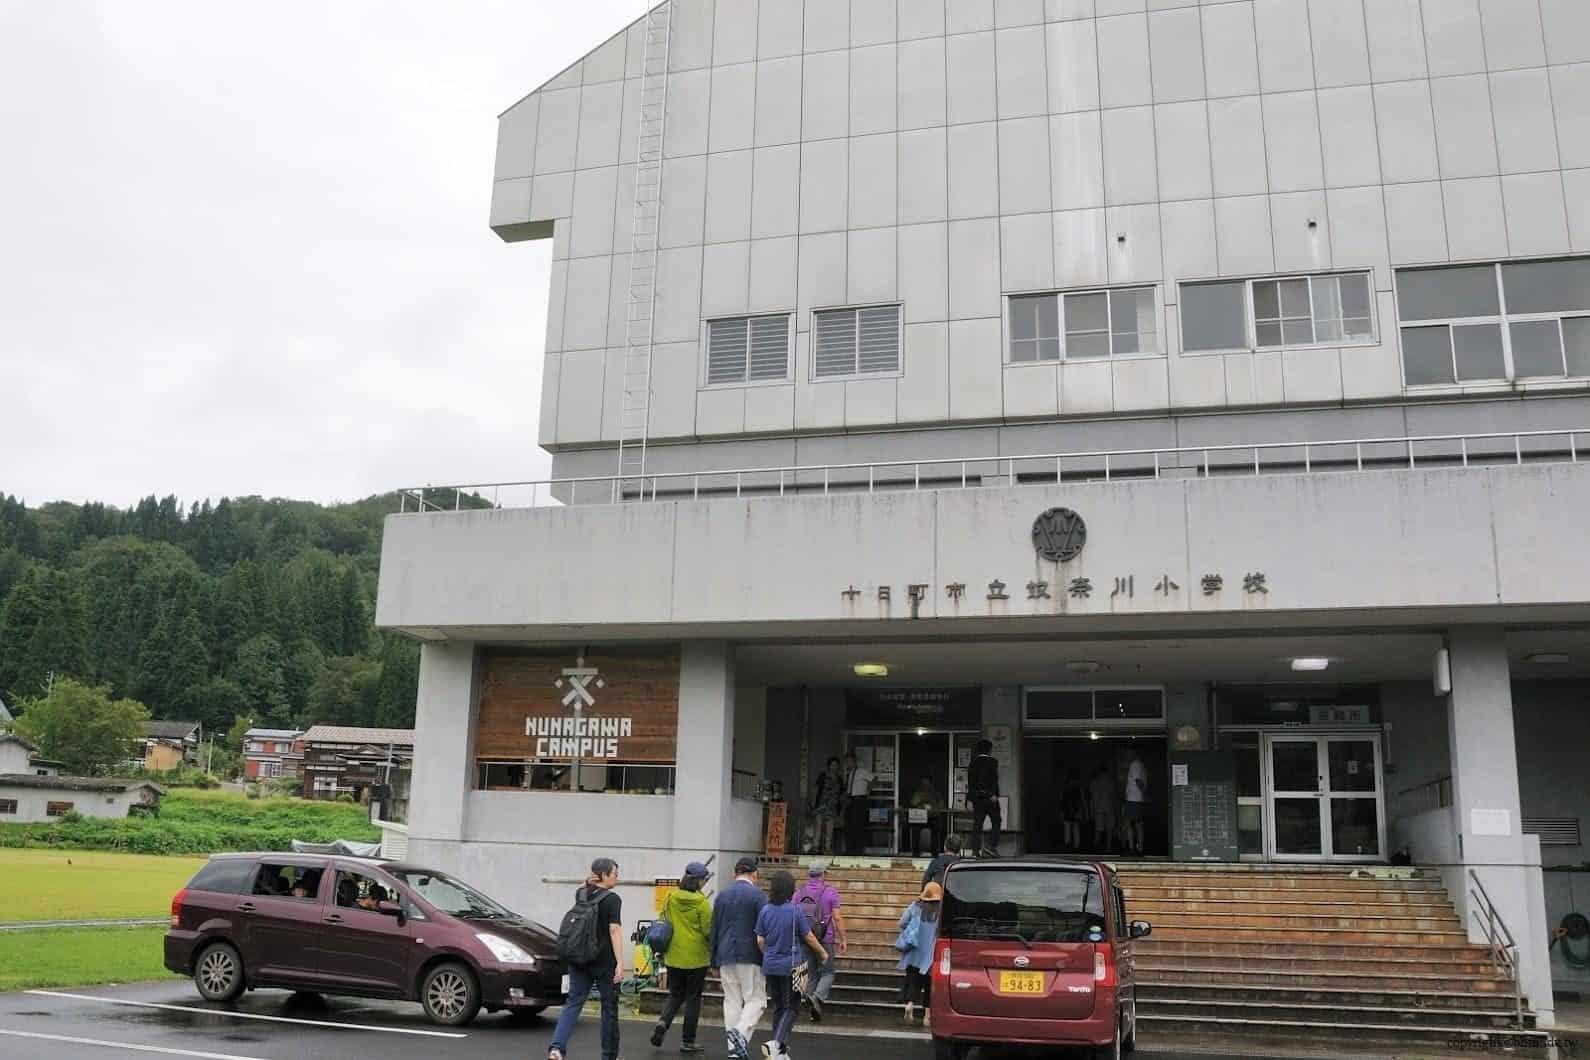 山岸綾-改修設計,奴奈川校園,有點歷史感的斑駁建物外觀,突顯出頗有設計感NUNAGAWA CAMPUS標誌 奴奈川校園 奴奈川校園 nunagawa campus 01 0x0